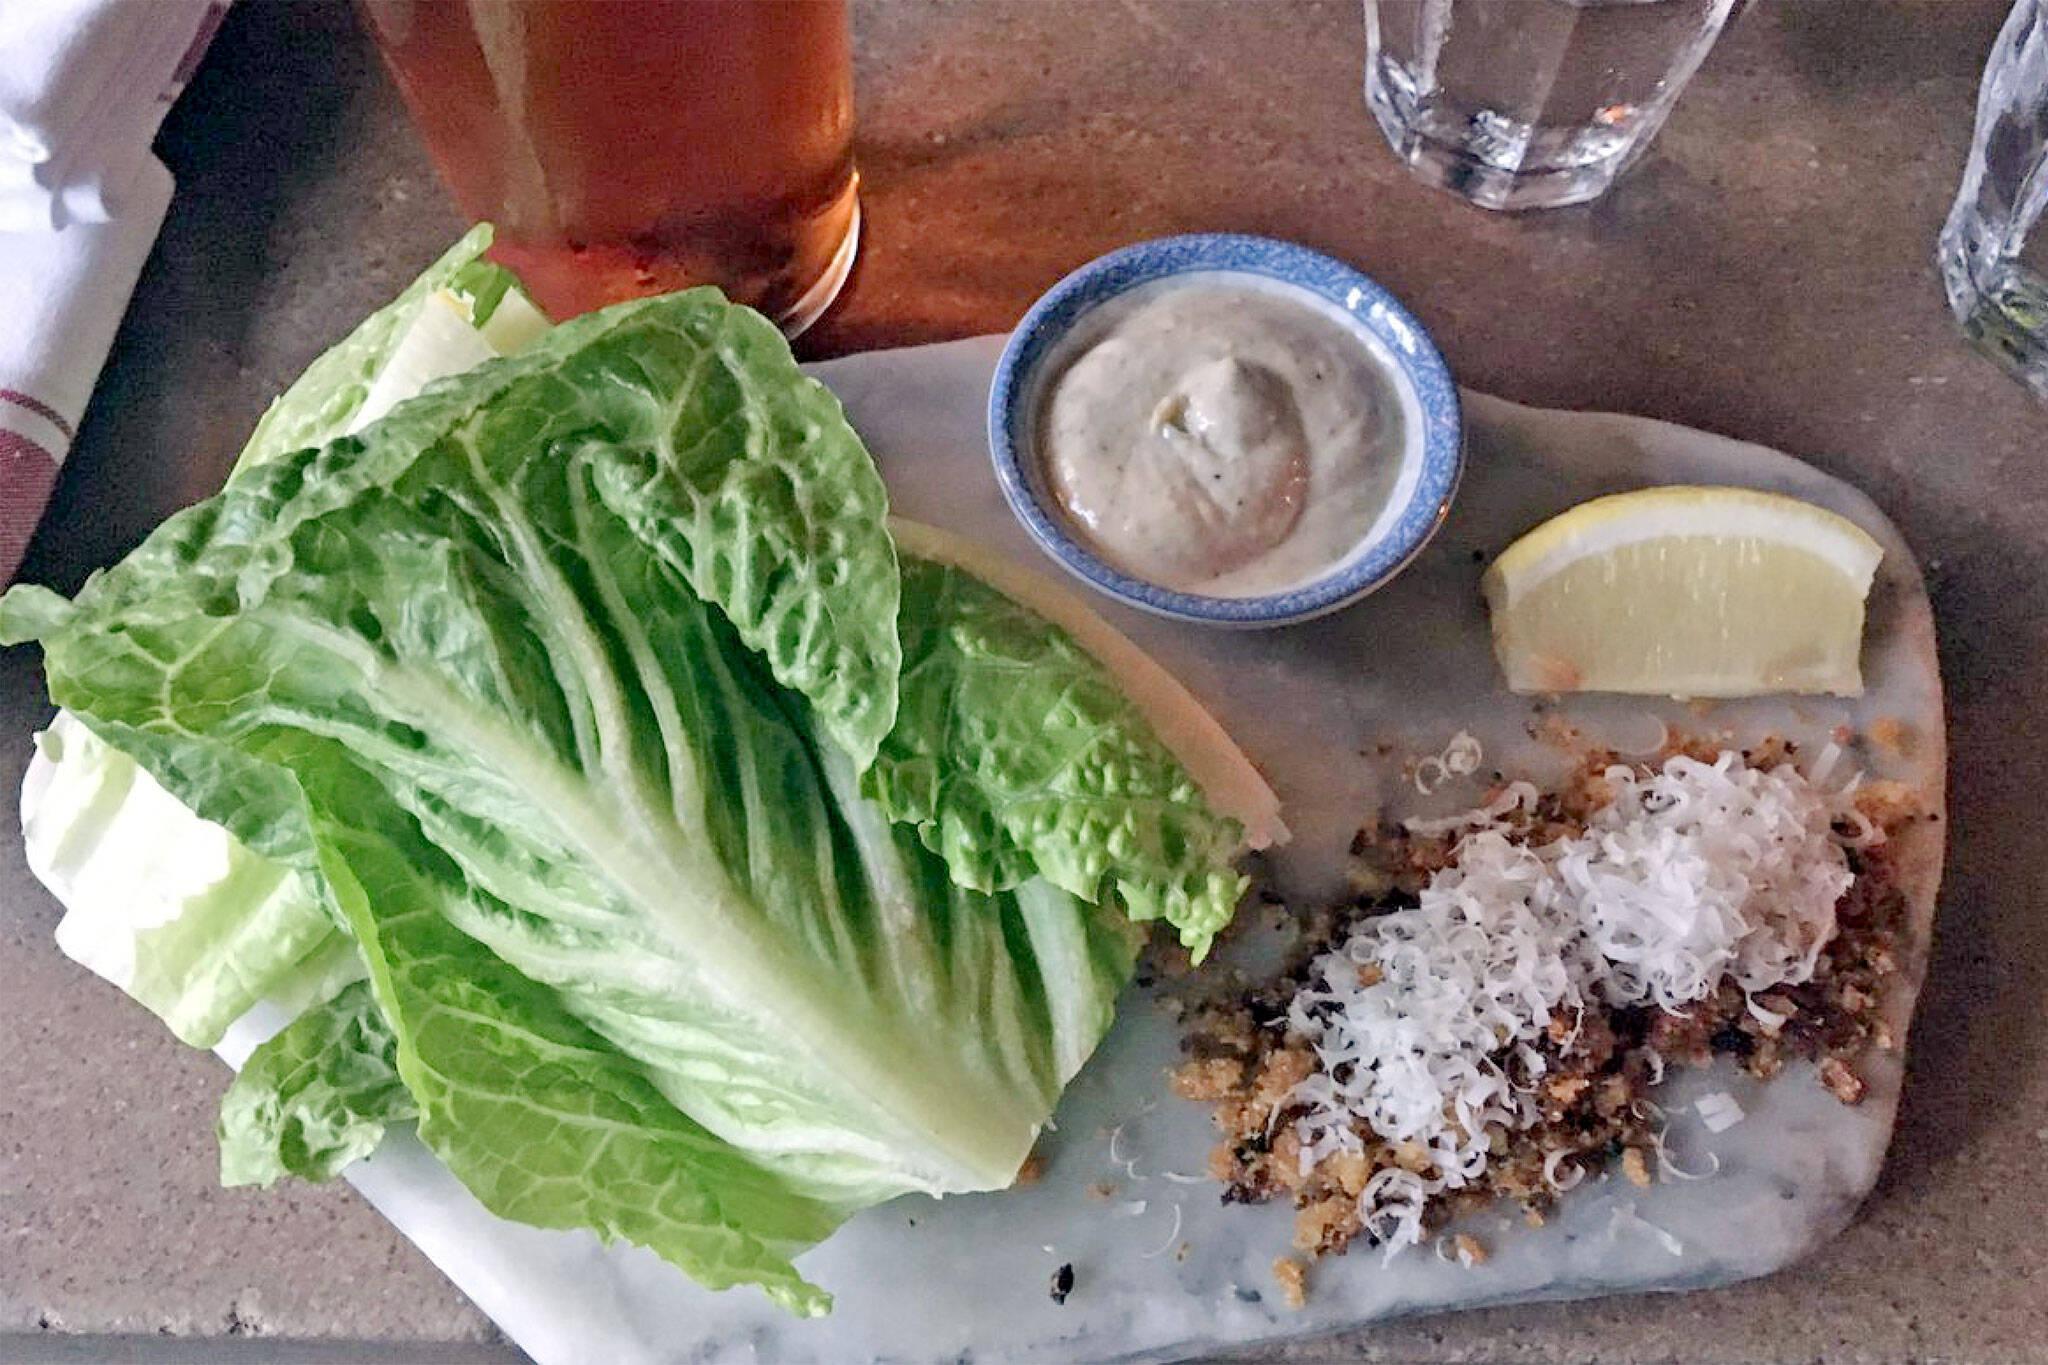 416 snackbar caesar salad